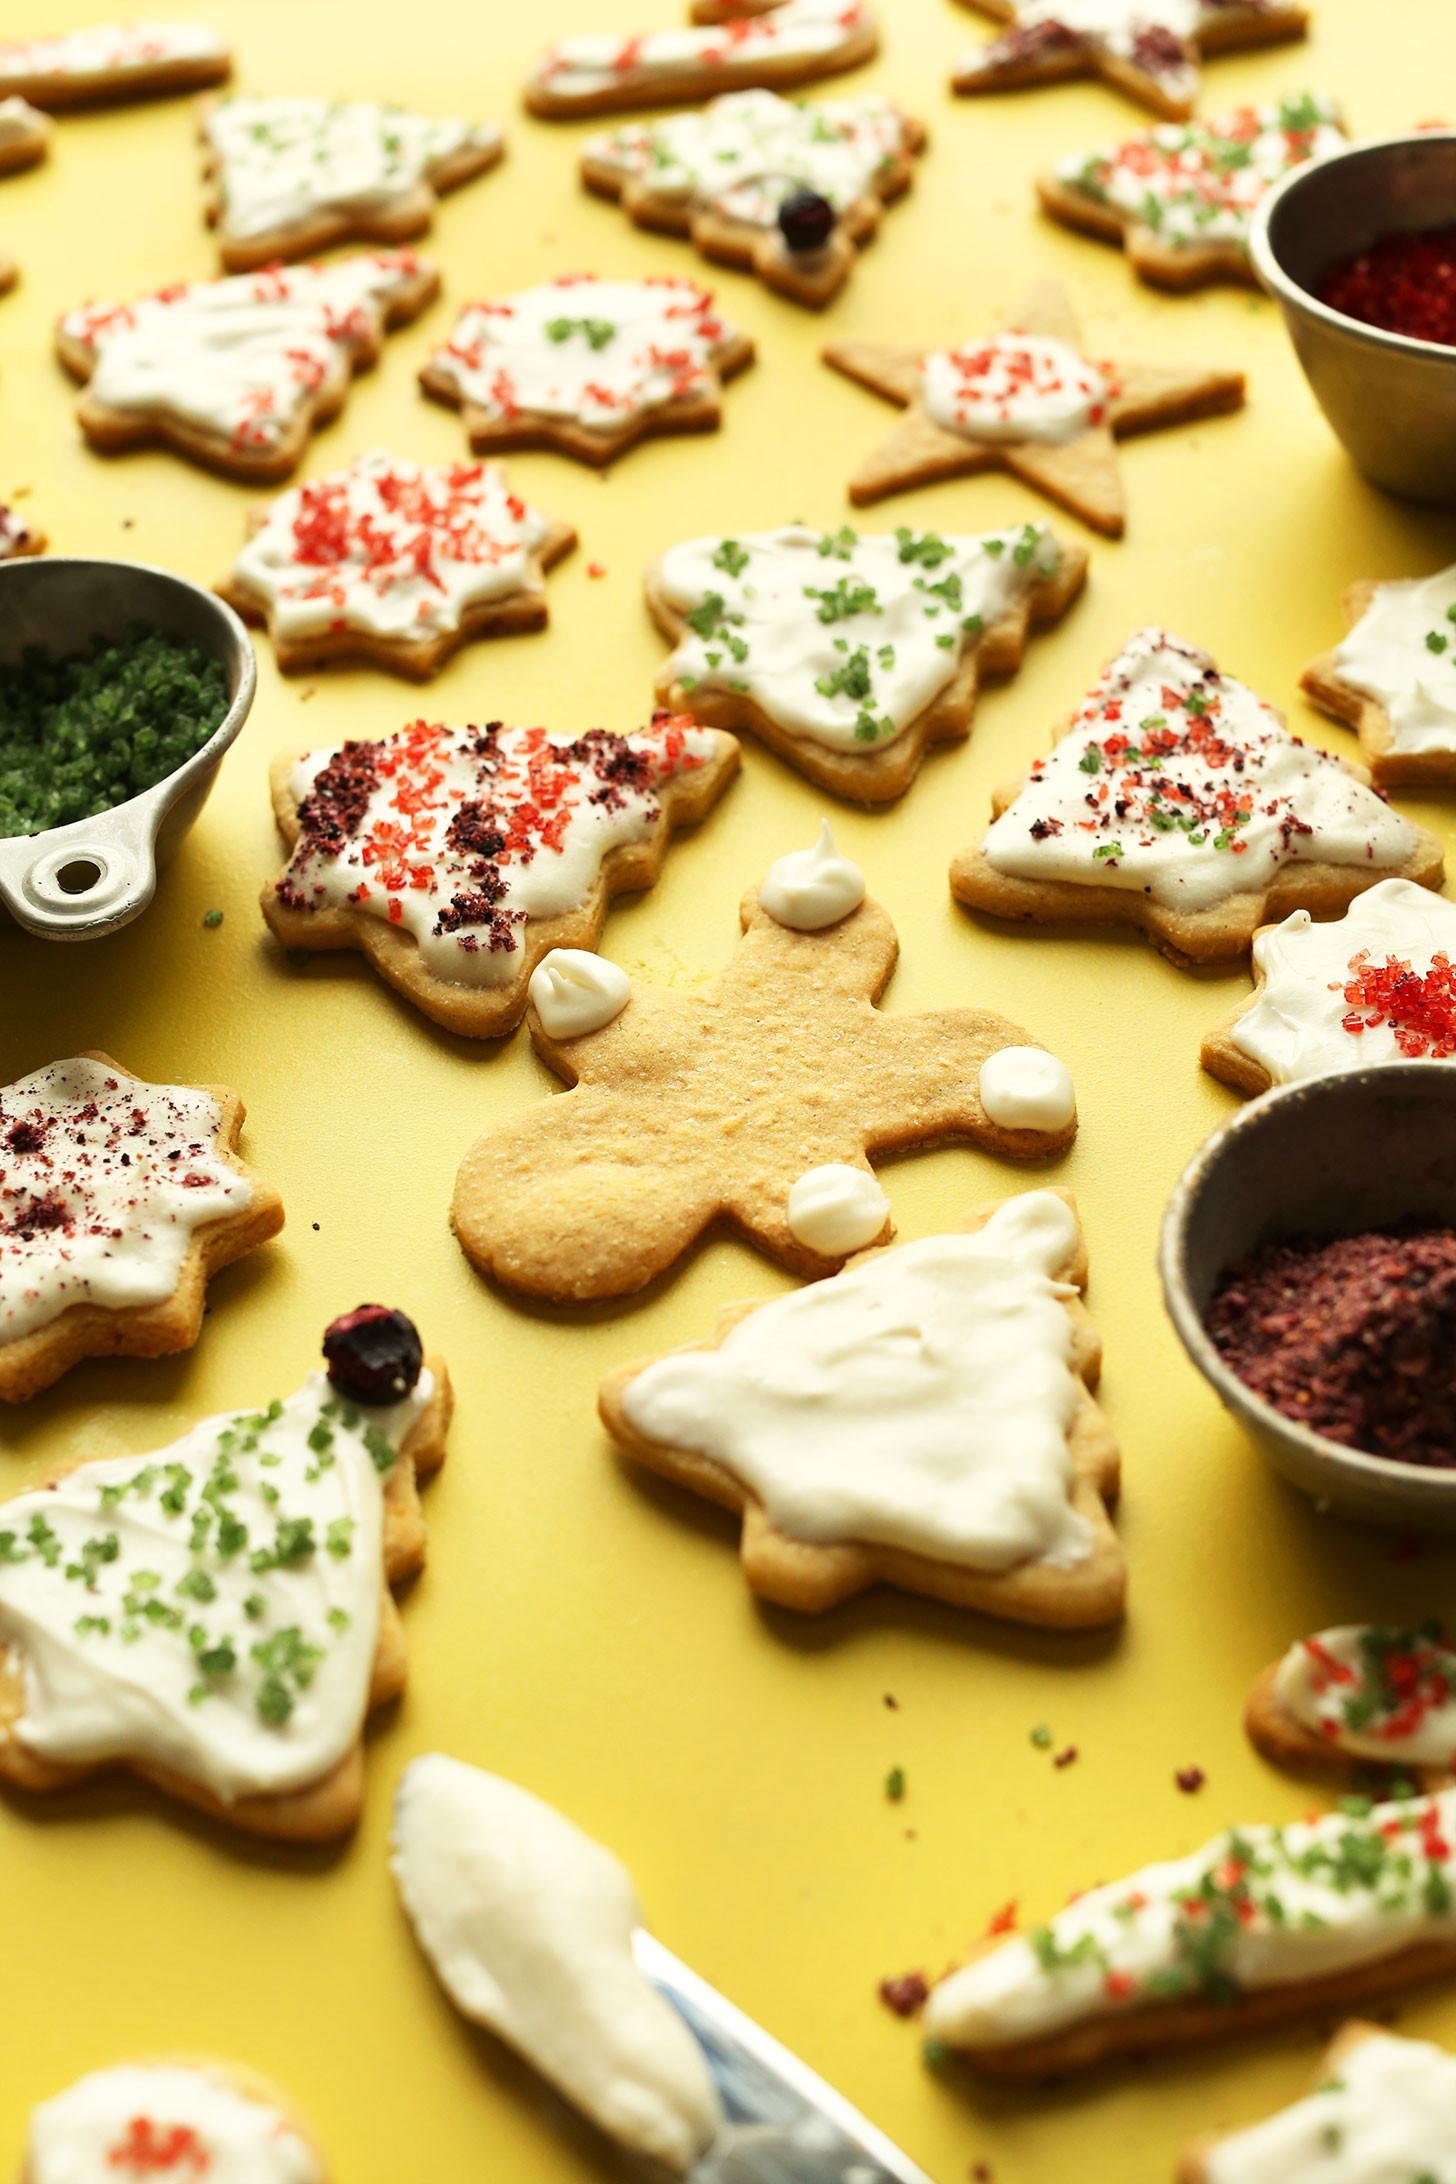 Gluten Free Sugar Cookie Recipes  Gluten Free Sugar Cookies